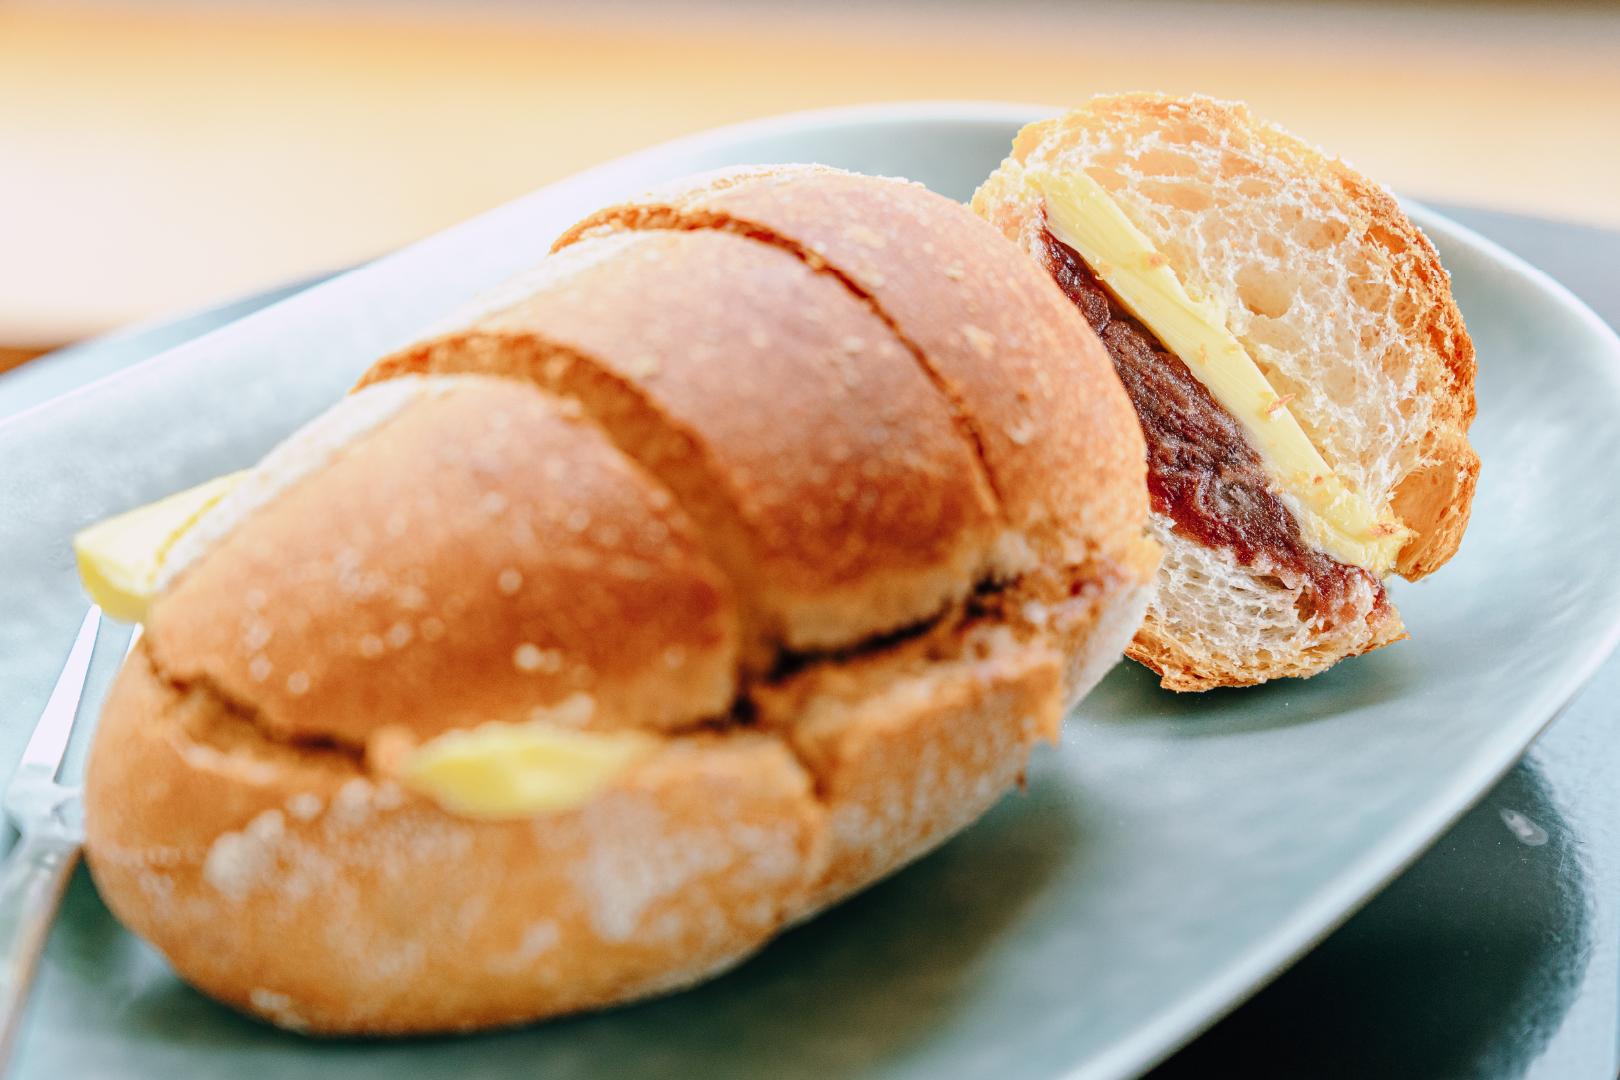 가지런히 잘라진 바게트 빵이 접시 위에 올려져있다.